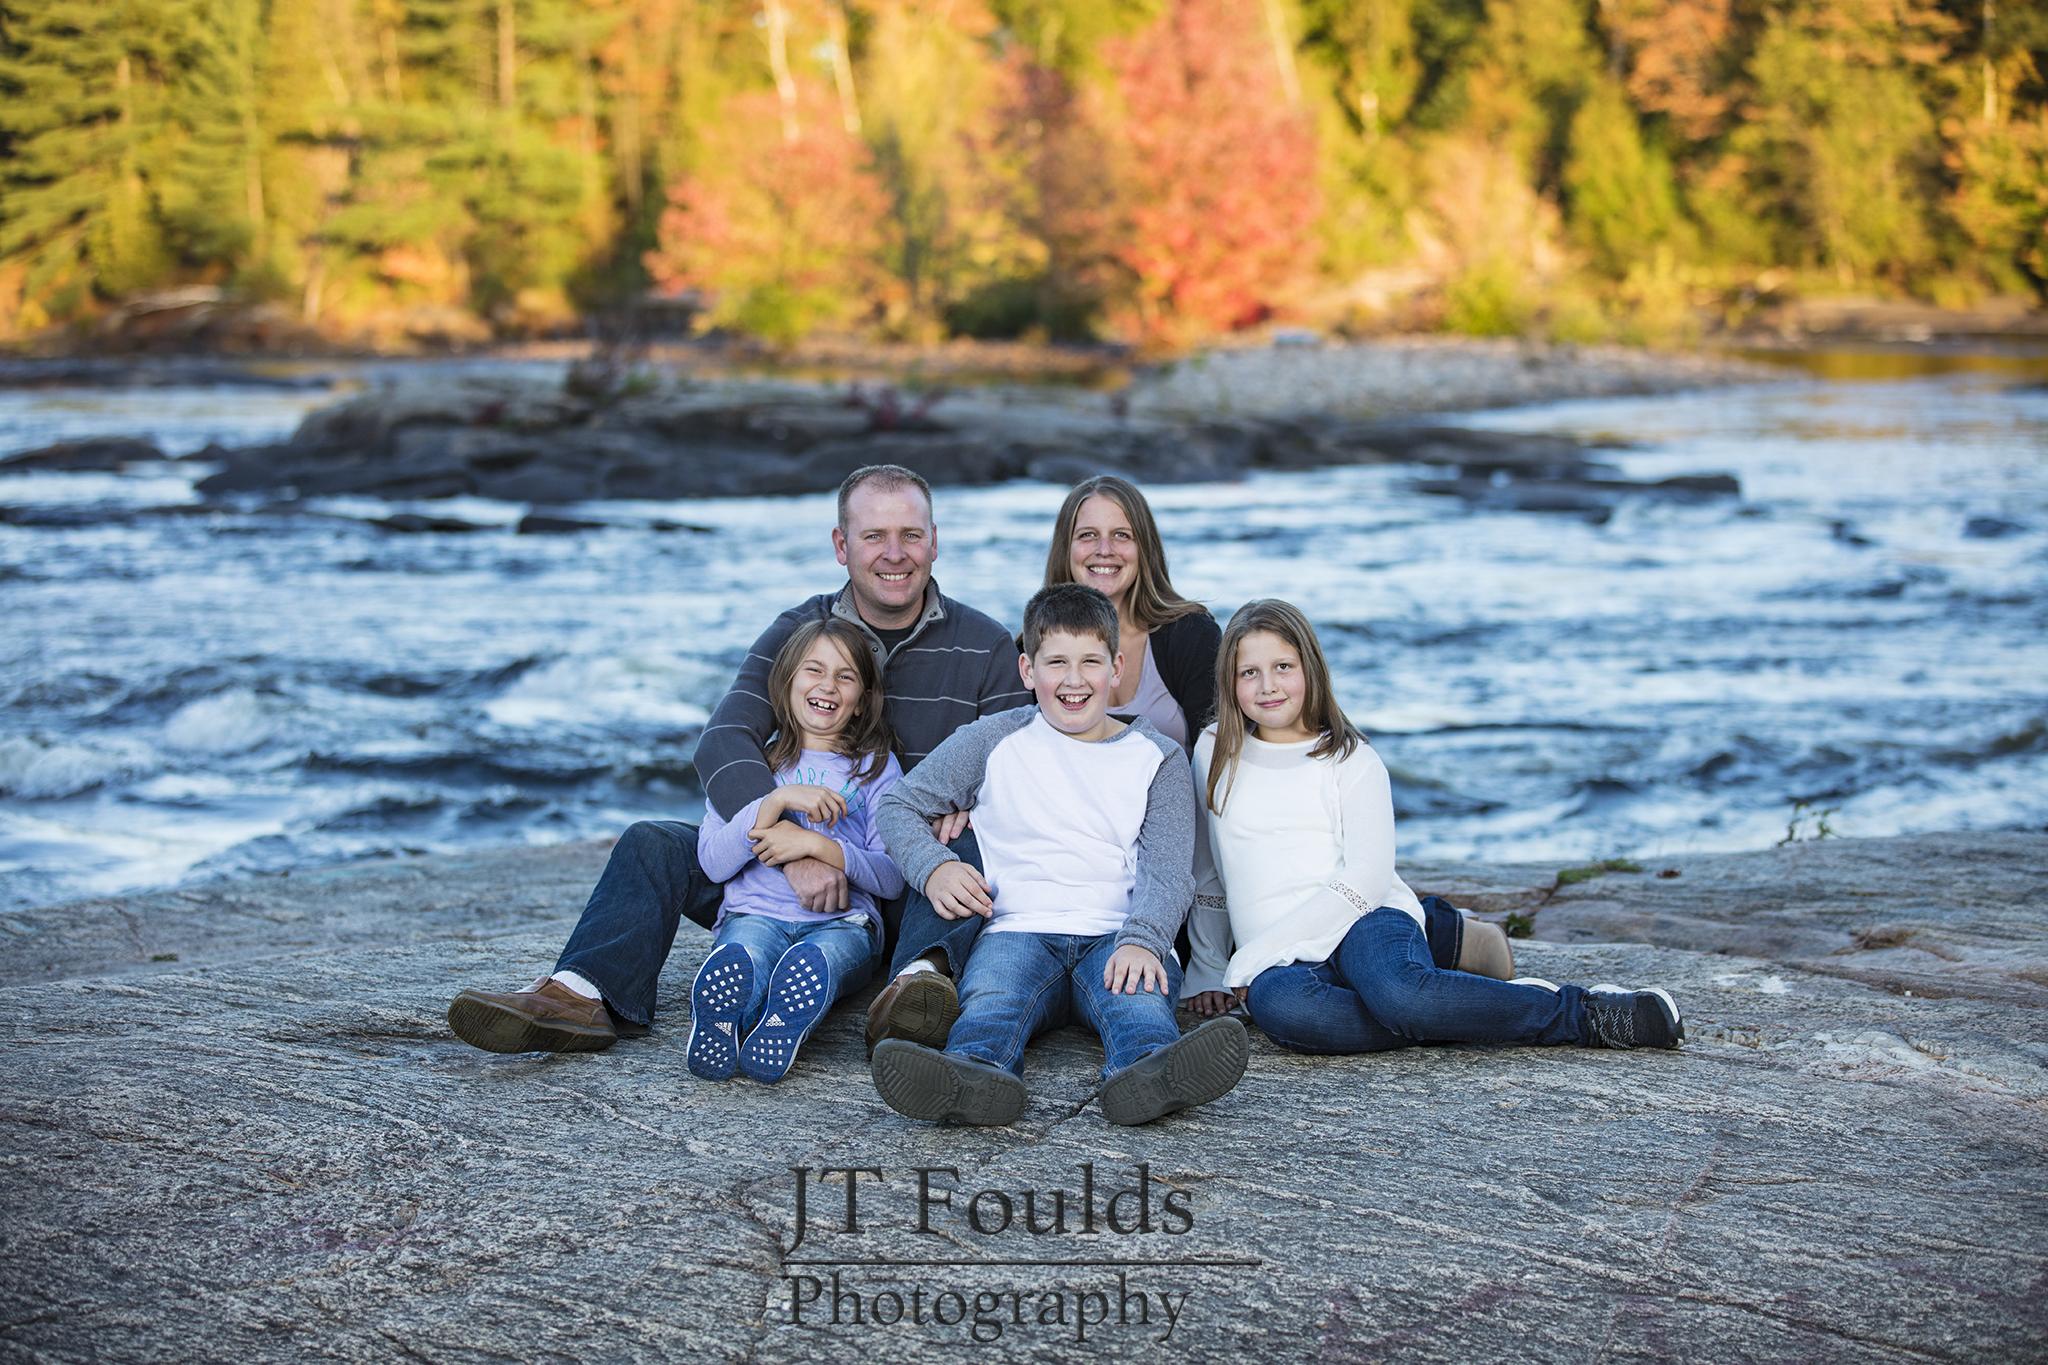 Gilbert & Dafoe Family Shoot - 06 Oct '17 - 001.JPG